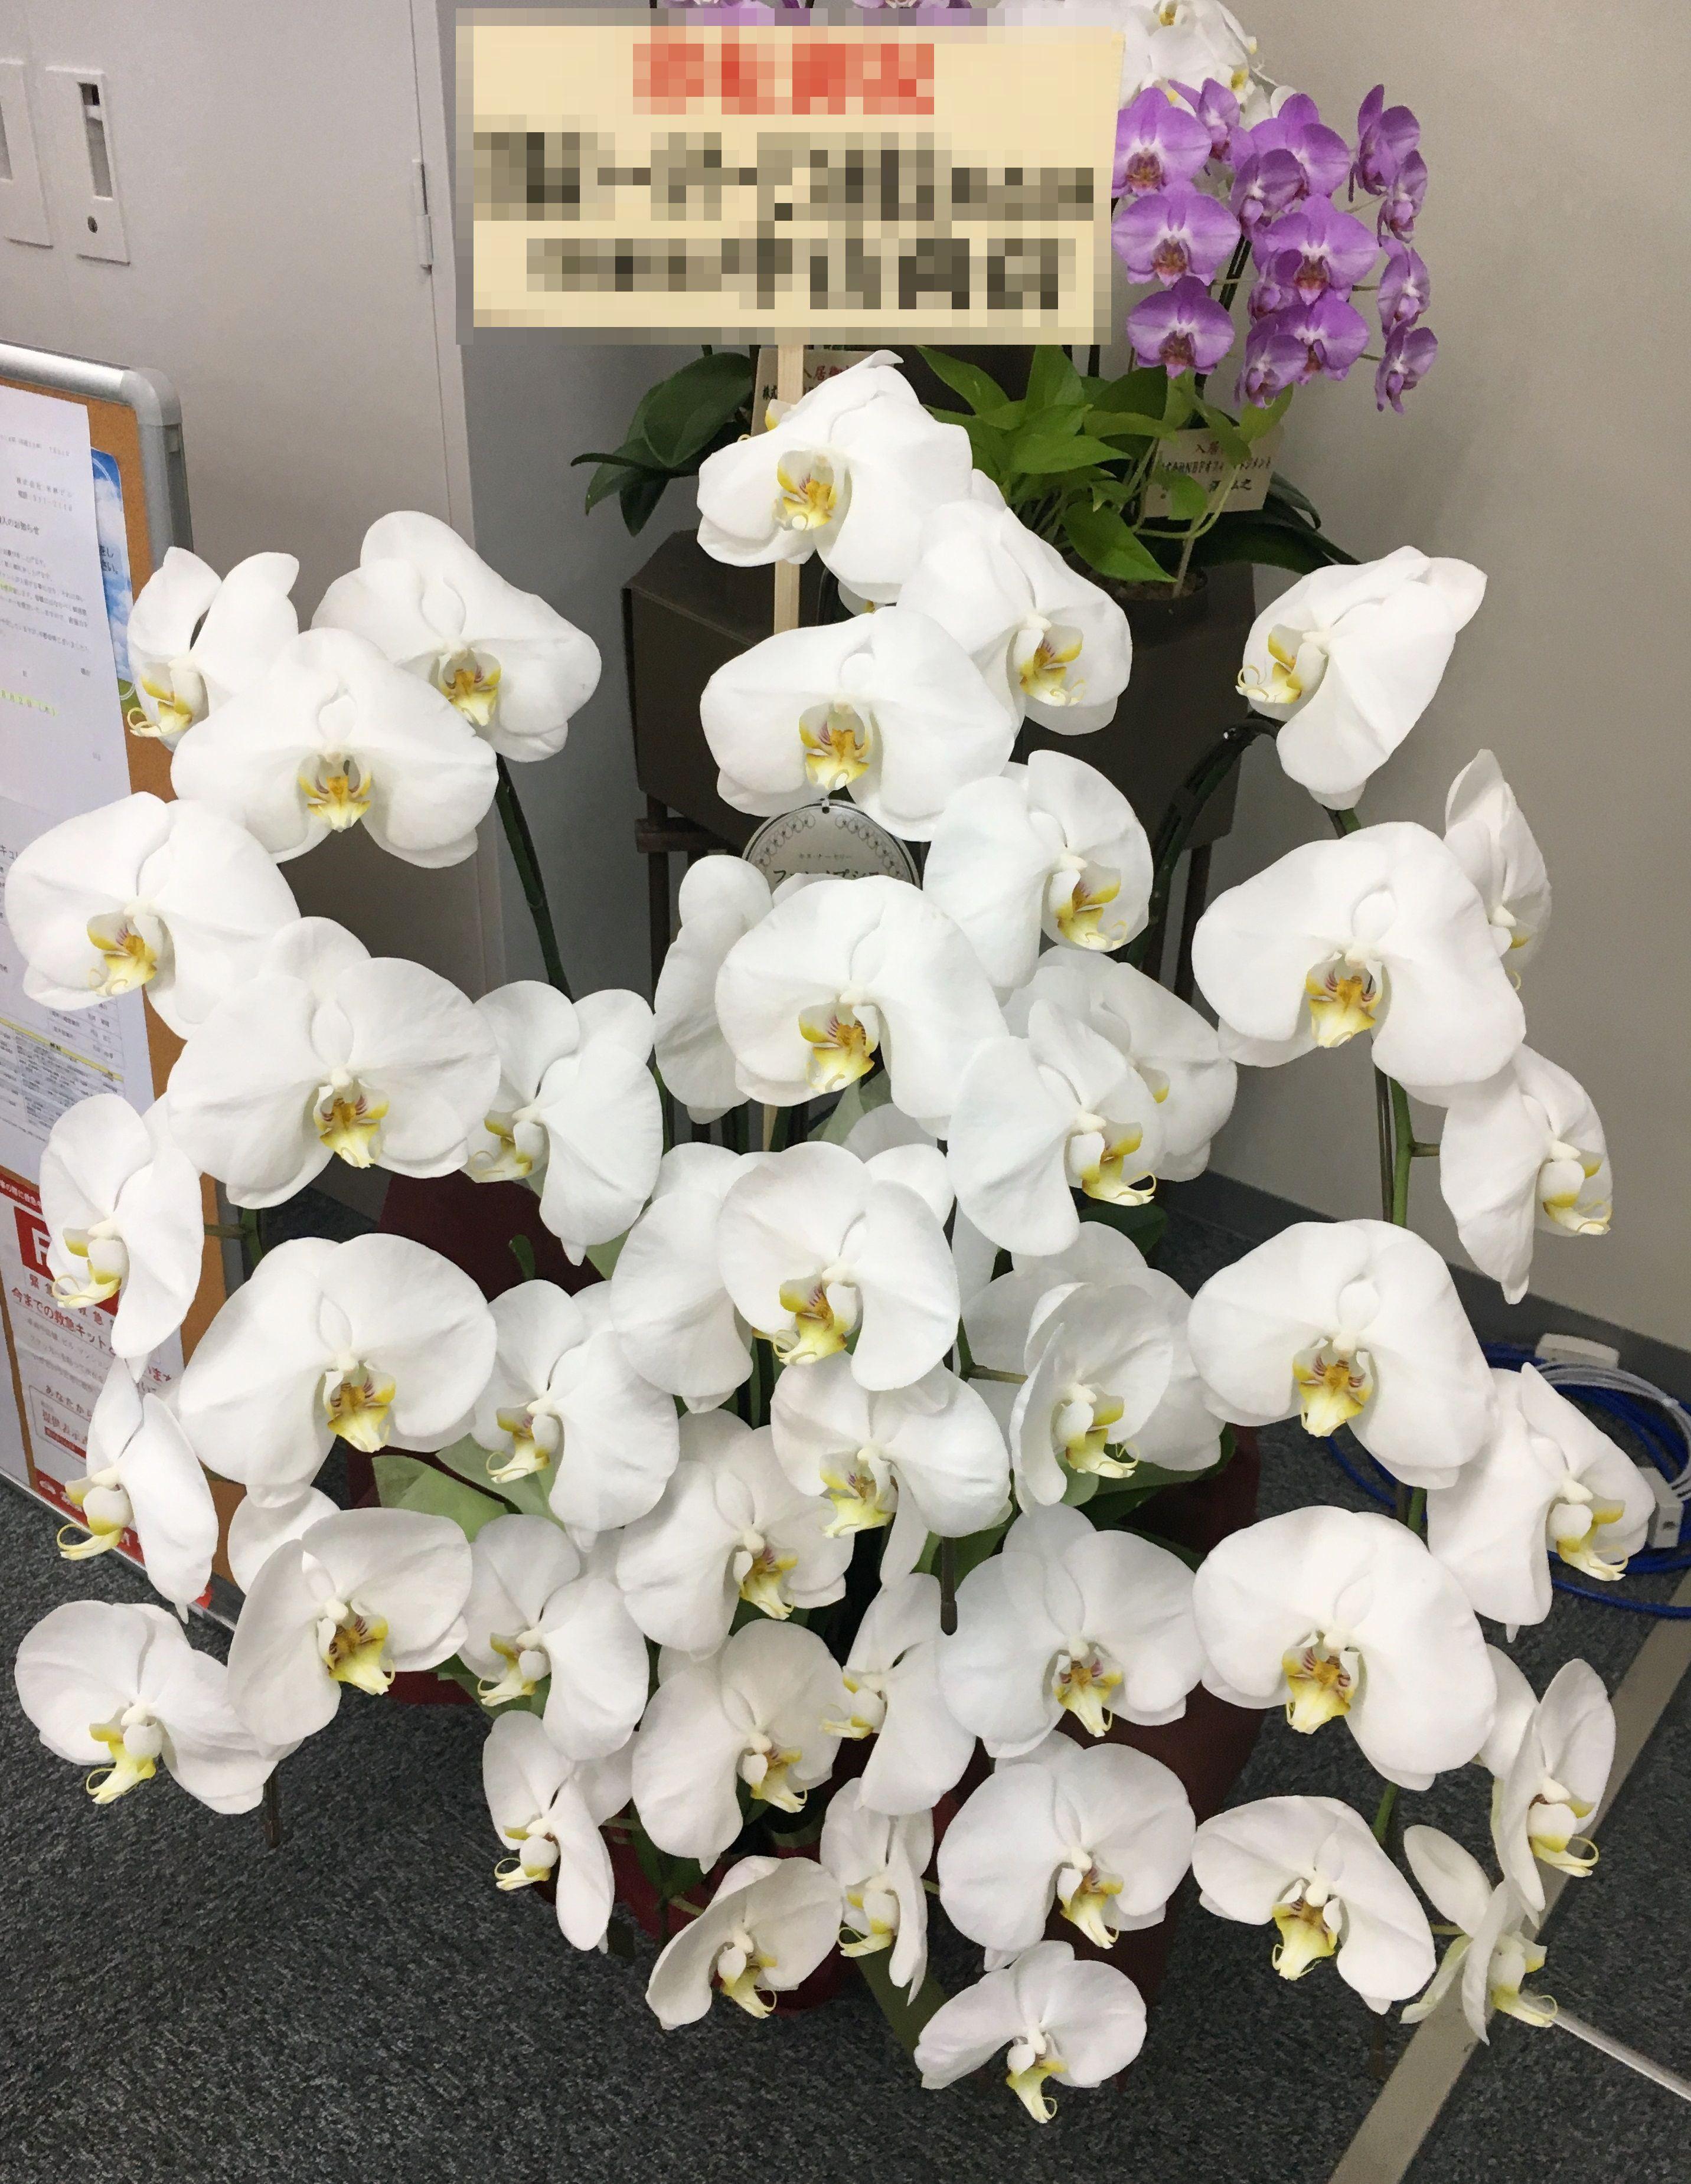 【ナオ花屋の納品事例94】横浜市北幸の法人企業様へ胡蝶蘭を配達しました!